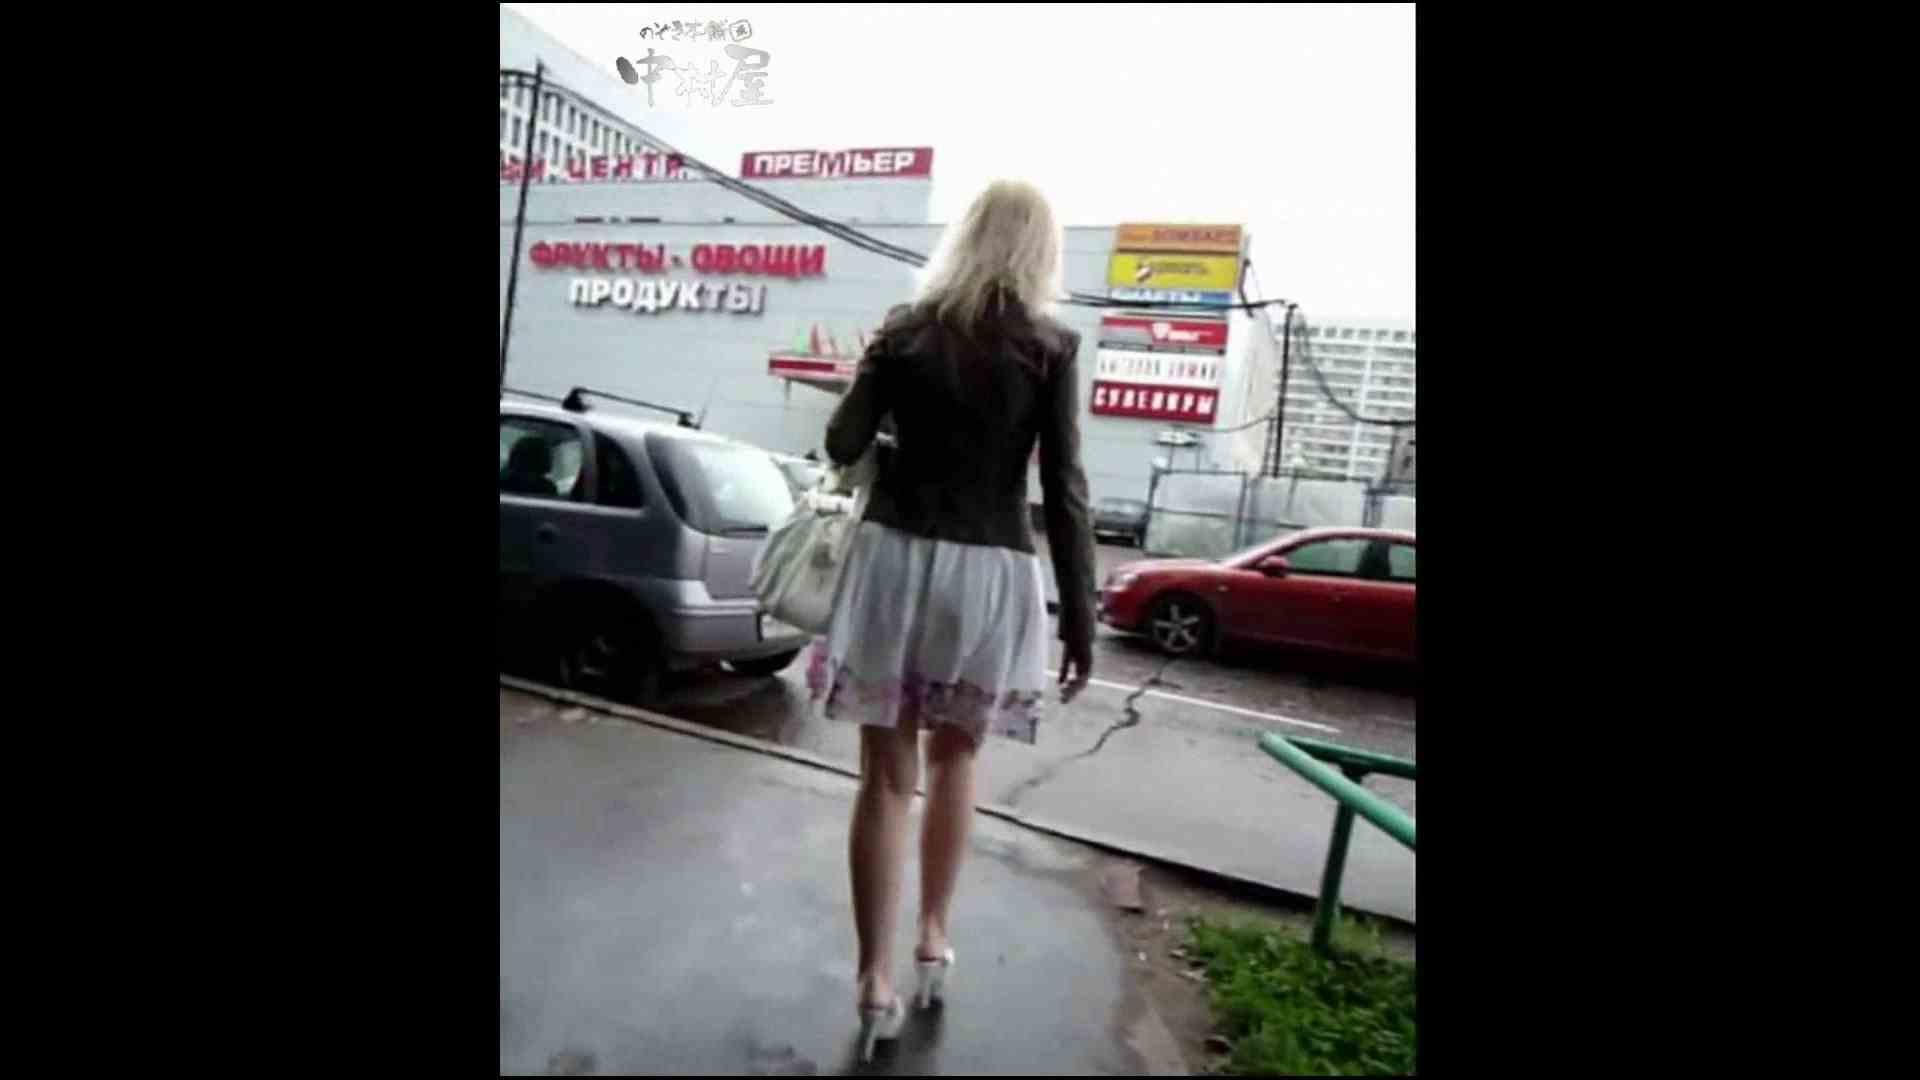 綺麗なモデルさんのスカート捲っちゃおう‼ vol28 お姉さんのエロ動画 | 0  111PIX 93